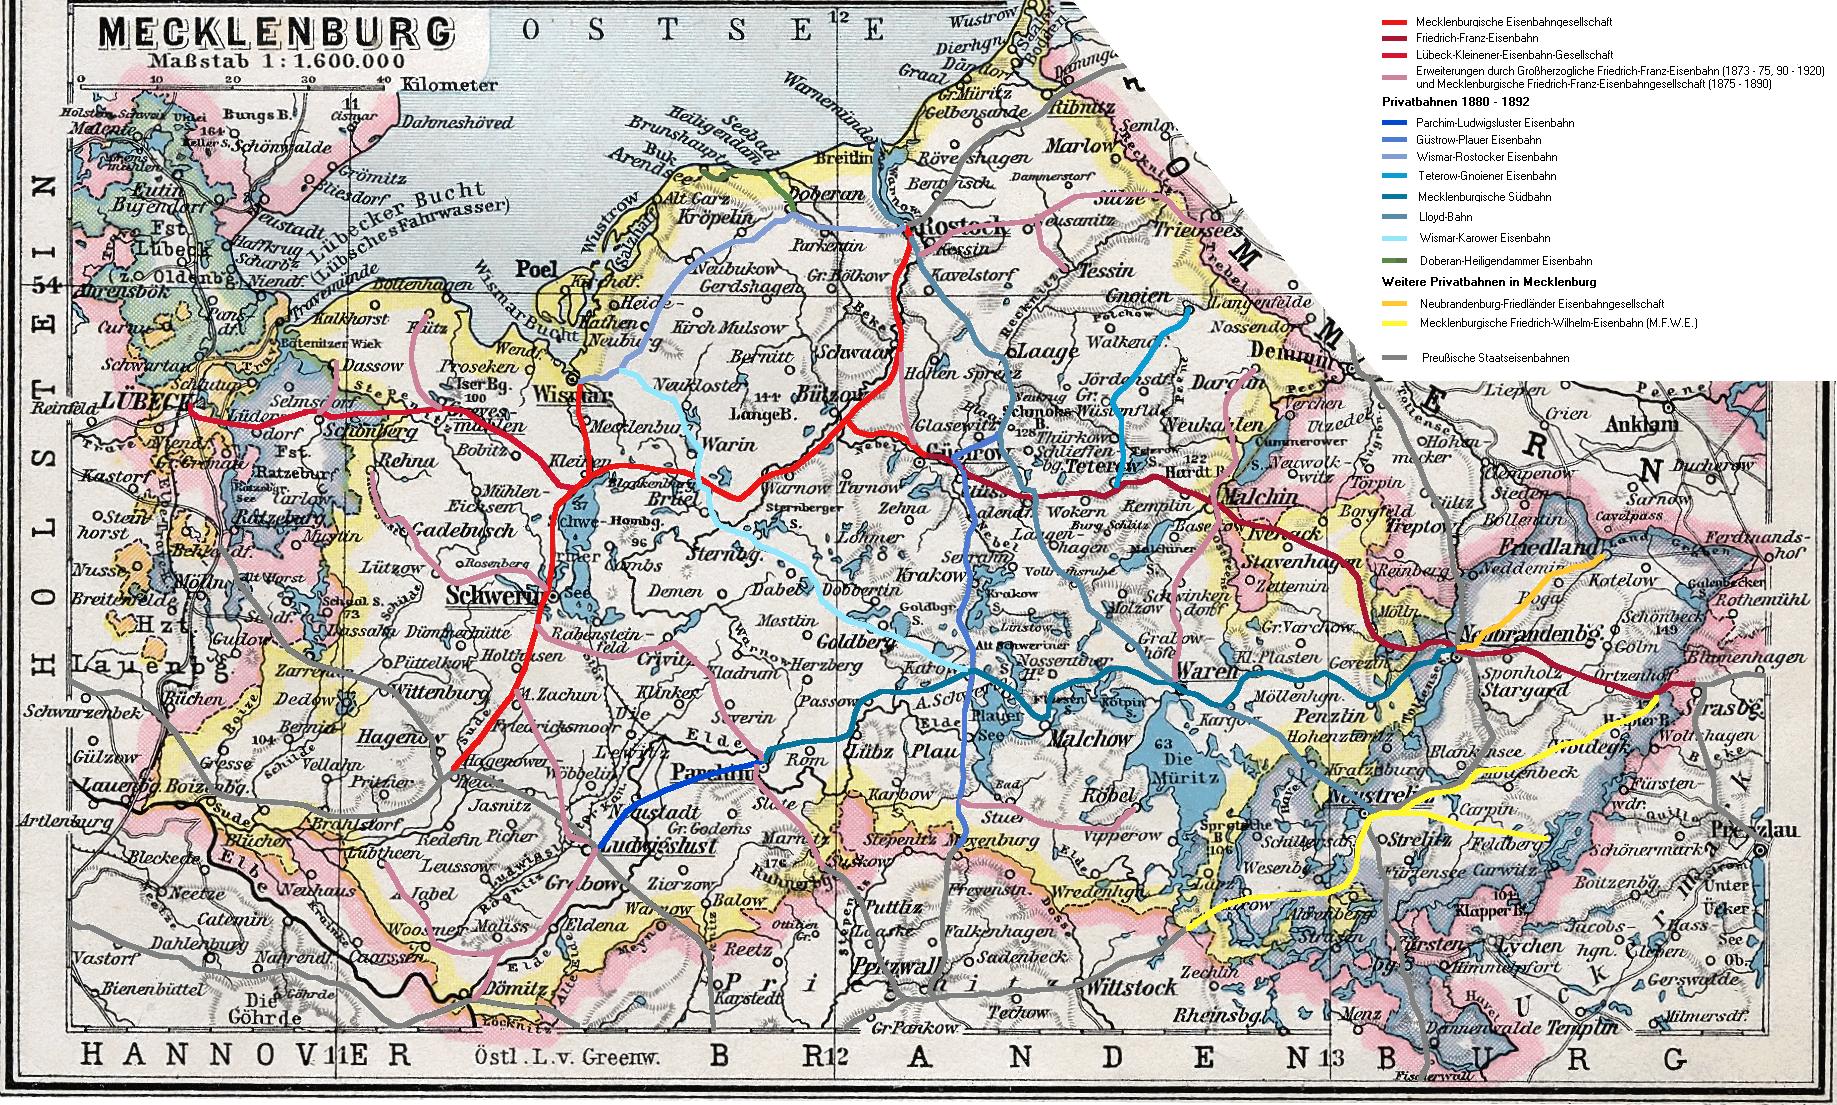 Eisenbahnnetz Mecklenburgs